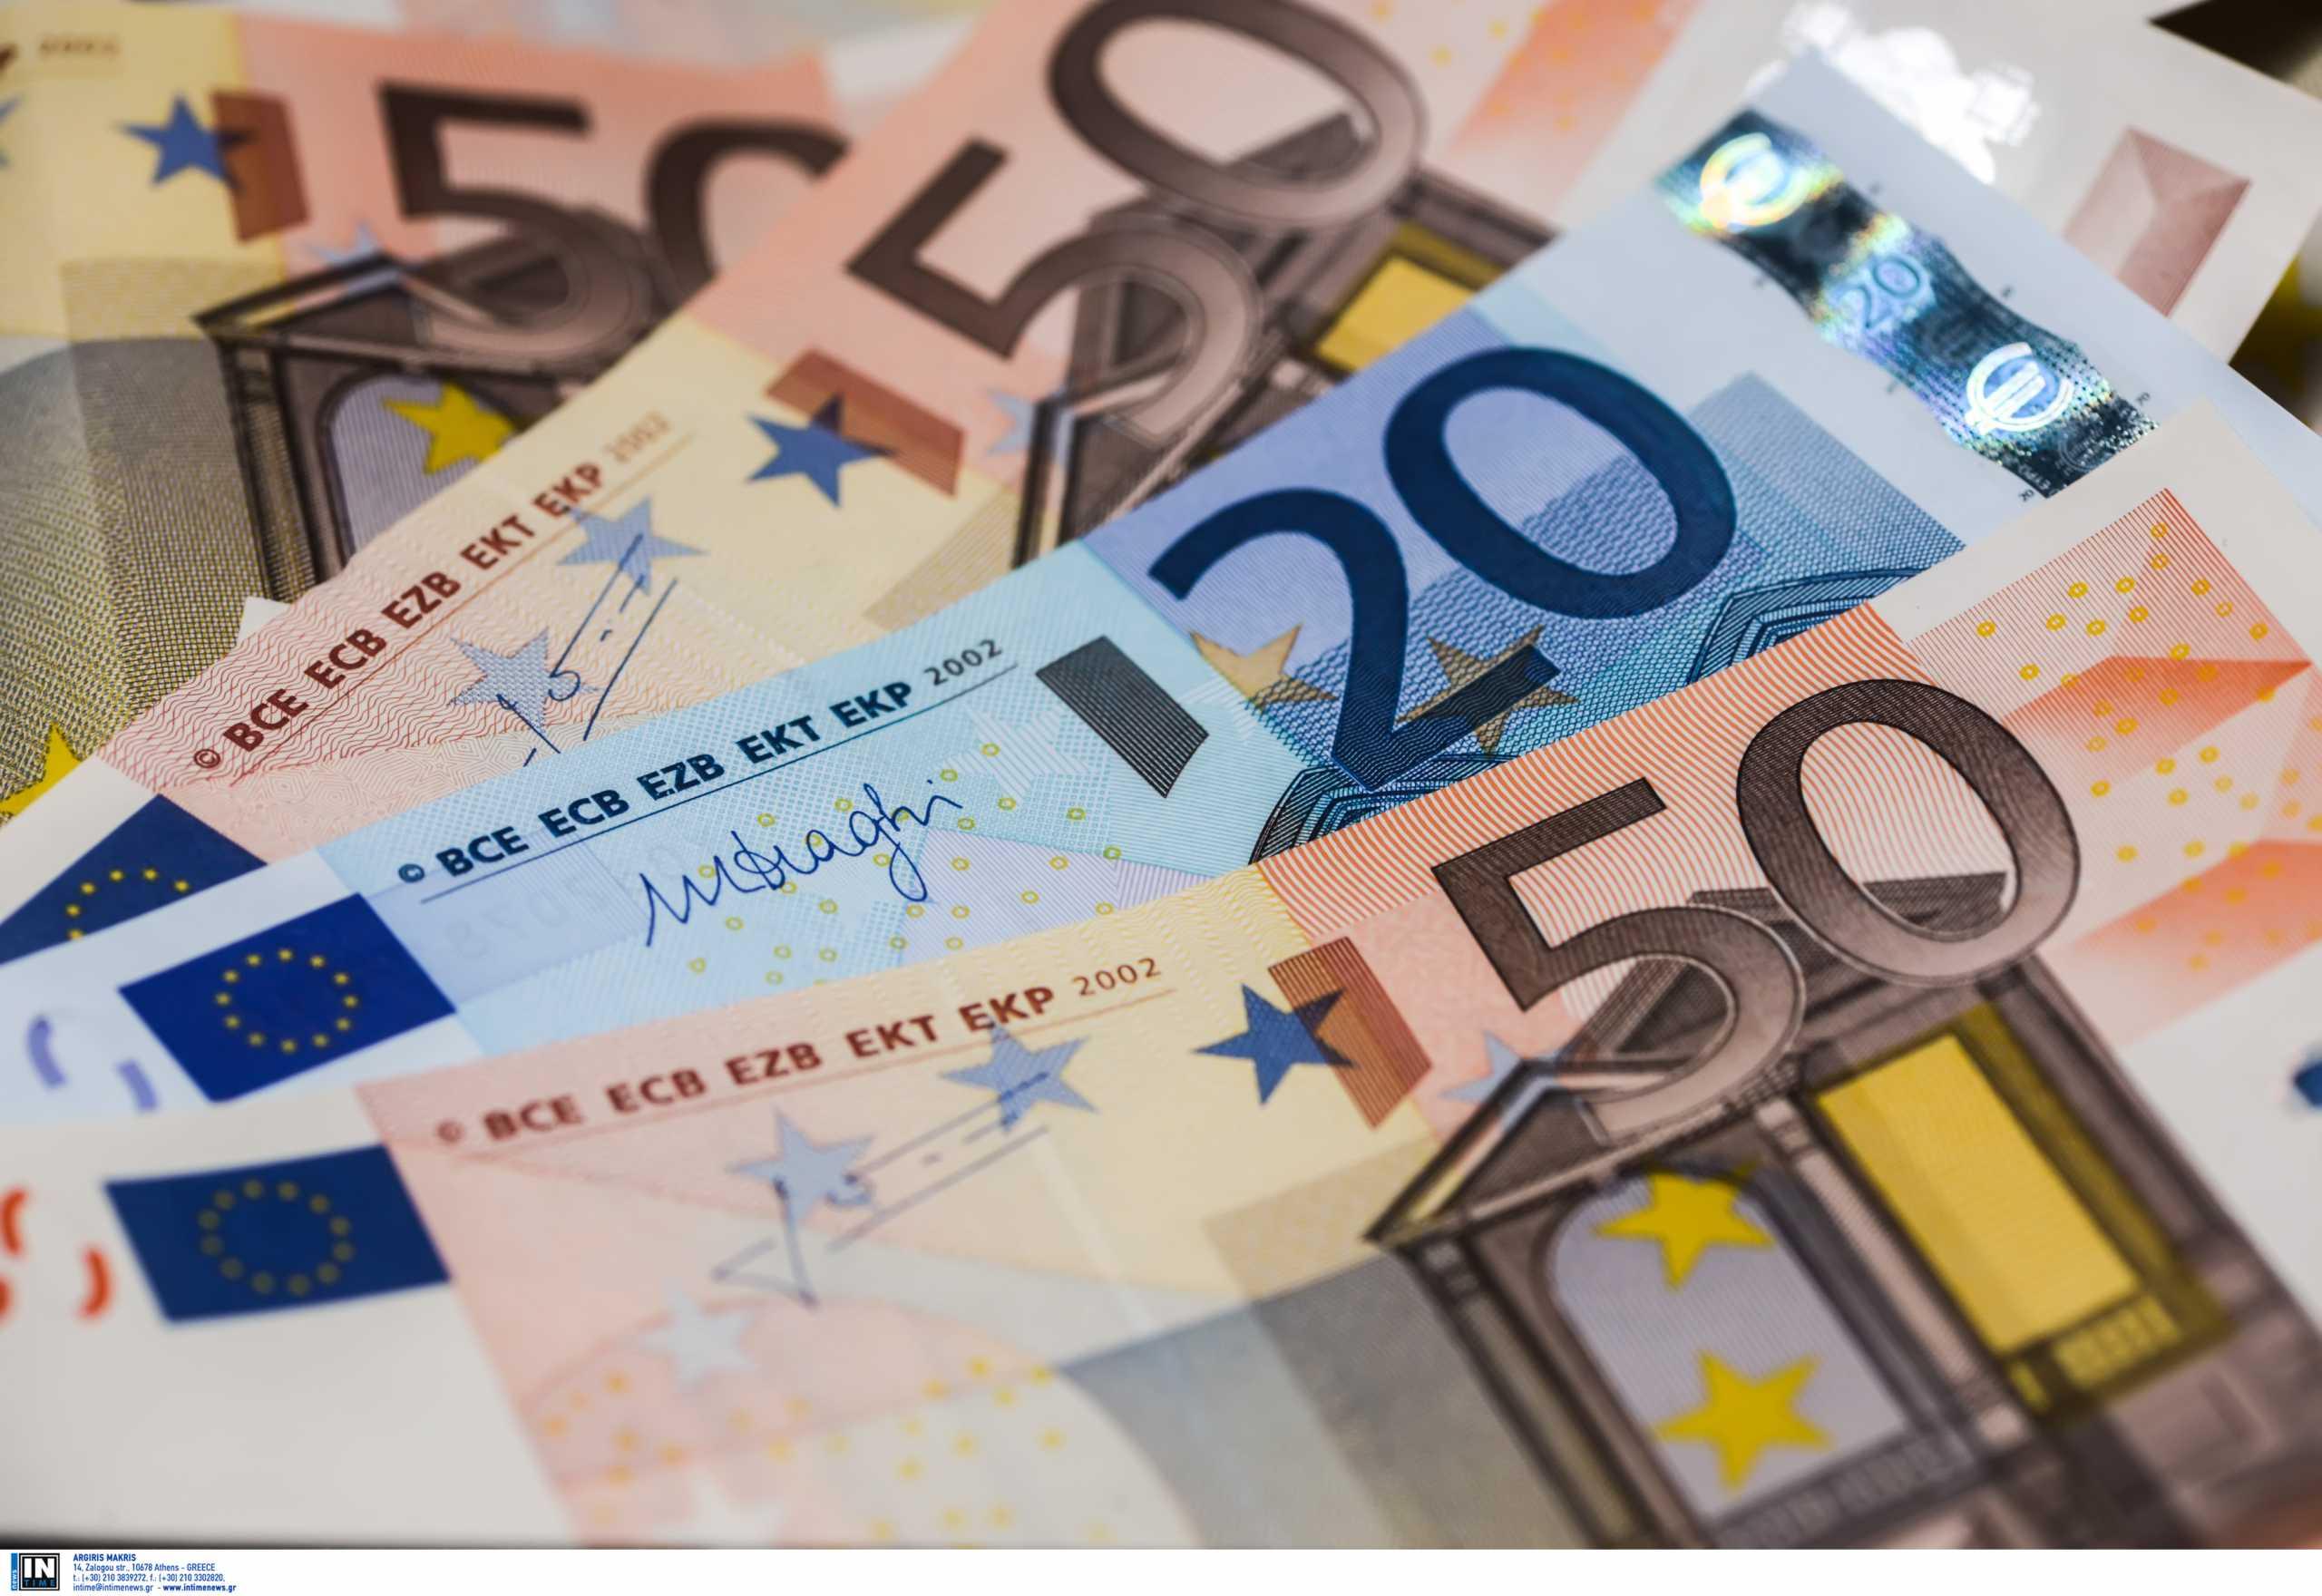 Βόλος: Τεχνικοί στην απάτη – Ο τρόπος που δύο γυναίκες έχασαν 11.000 ευρώ μέσα σε λίγες μέρες